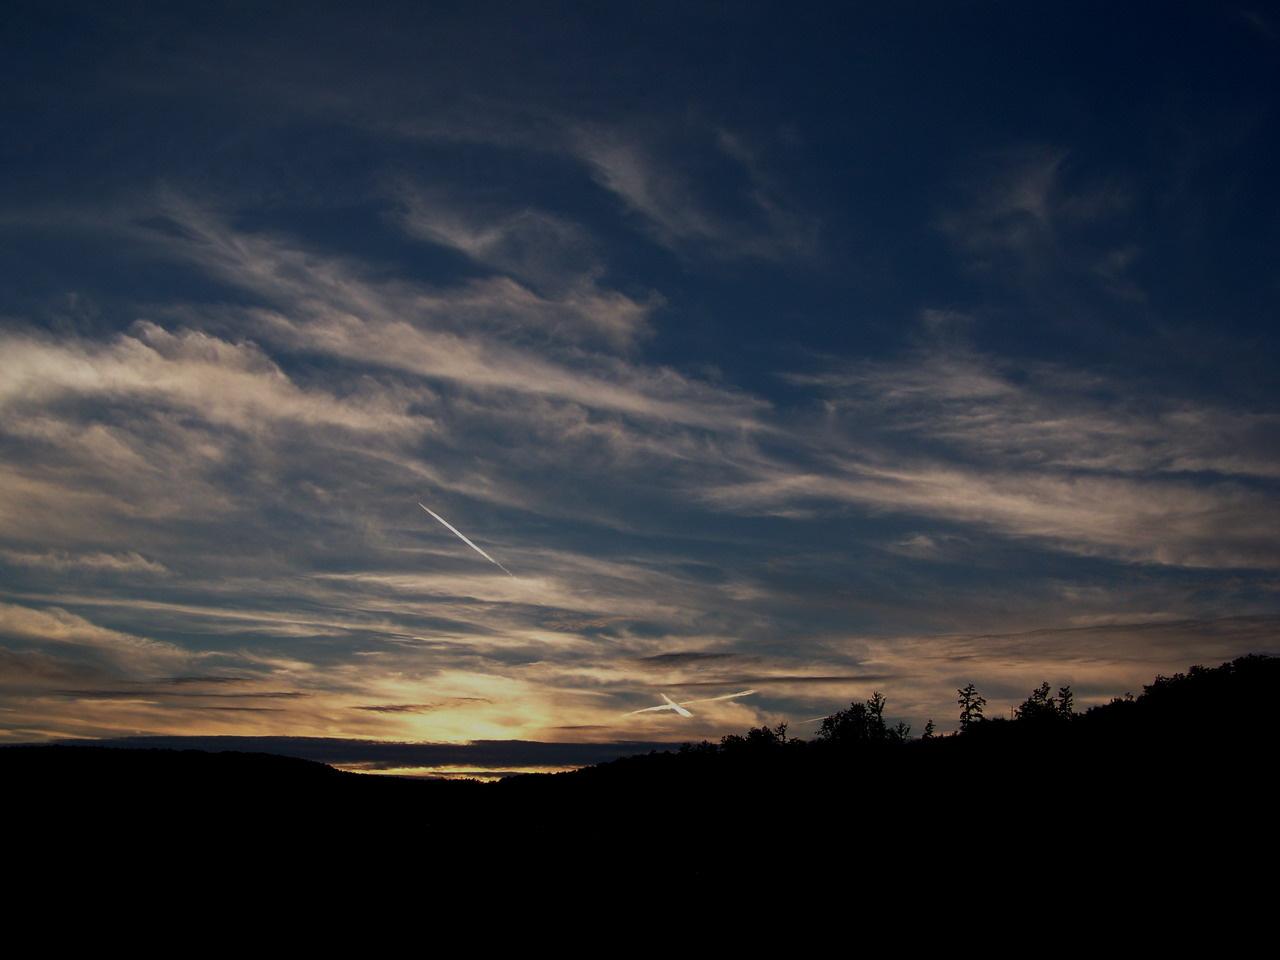 égi fények, keresztül - kasul